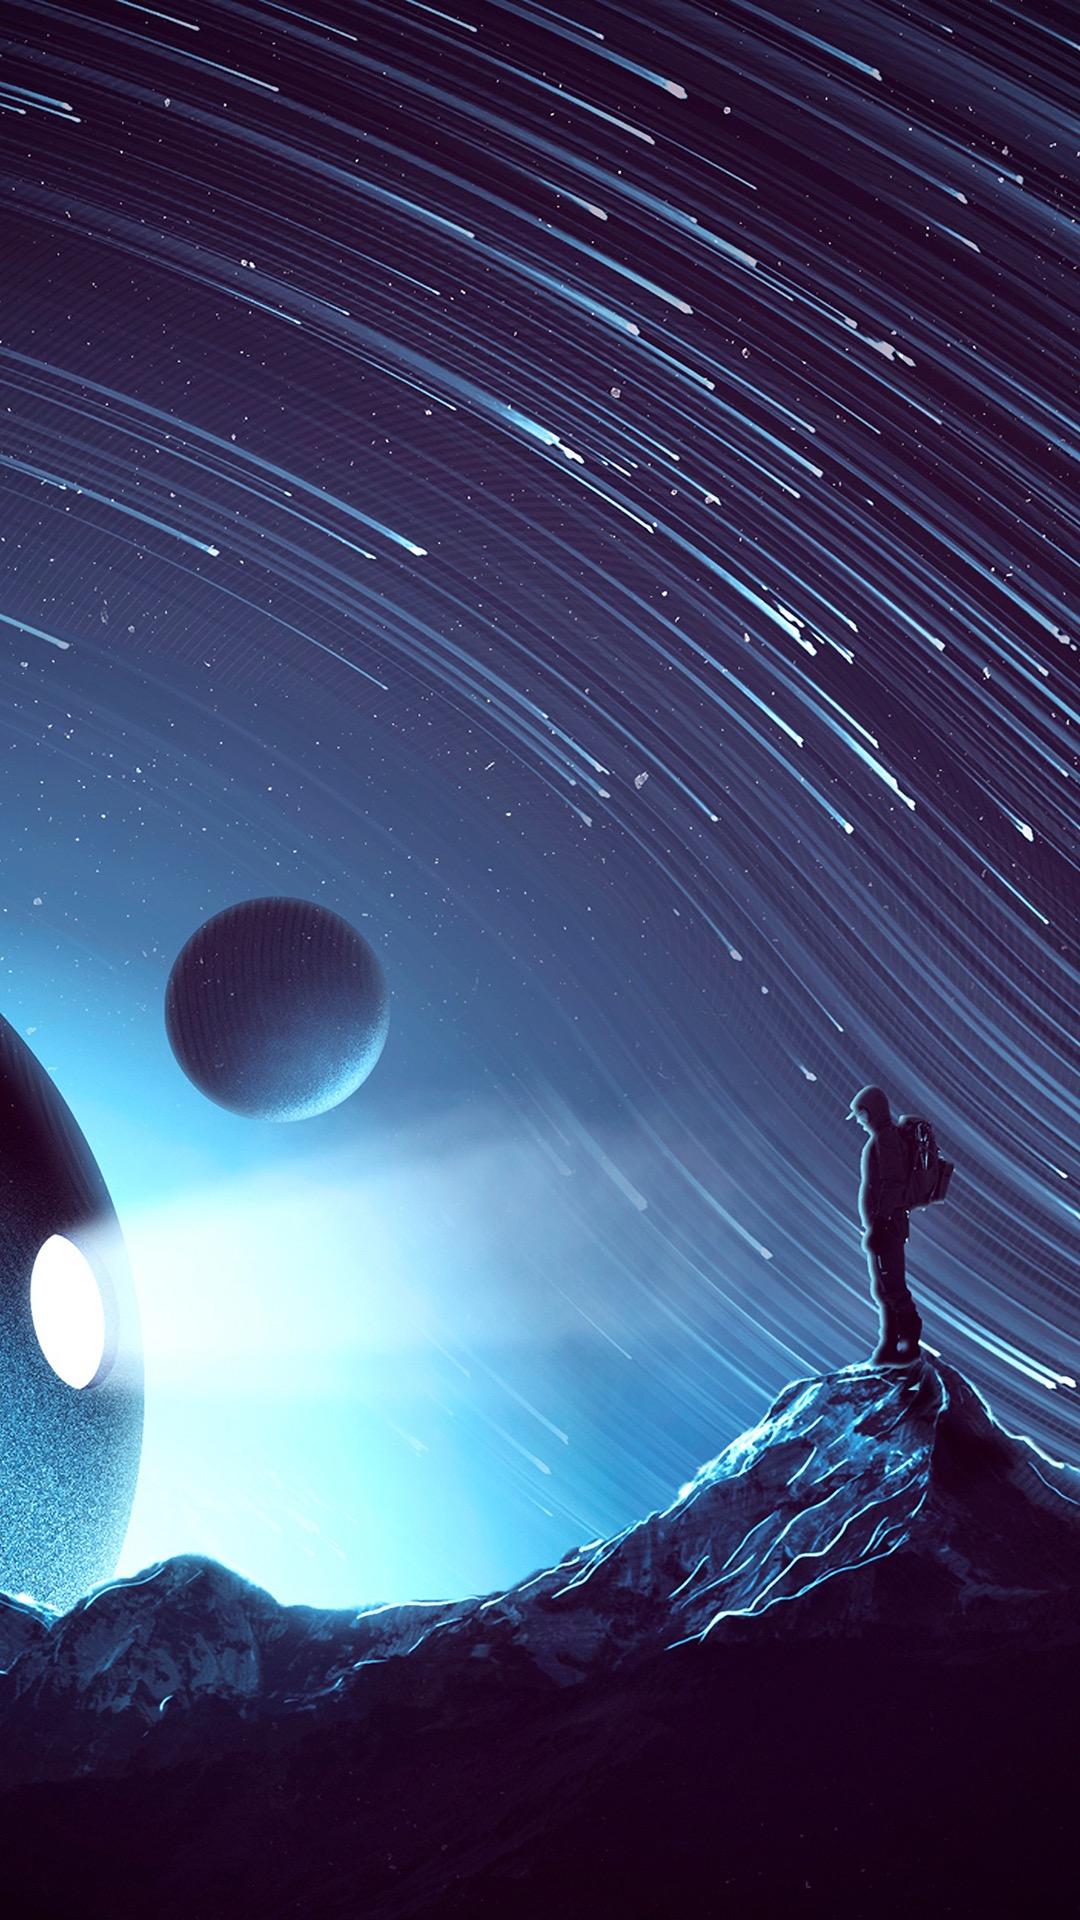 宇宙 星空 流星 蓝色 星球 太空